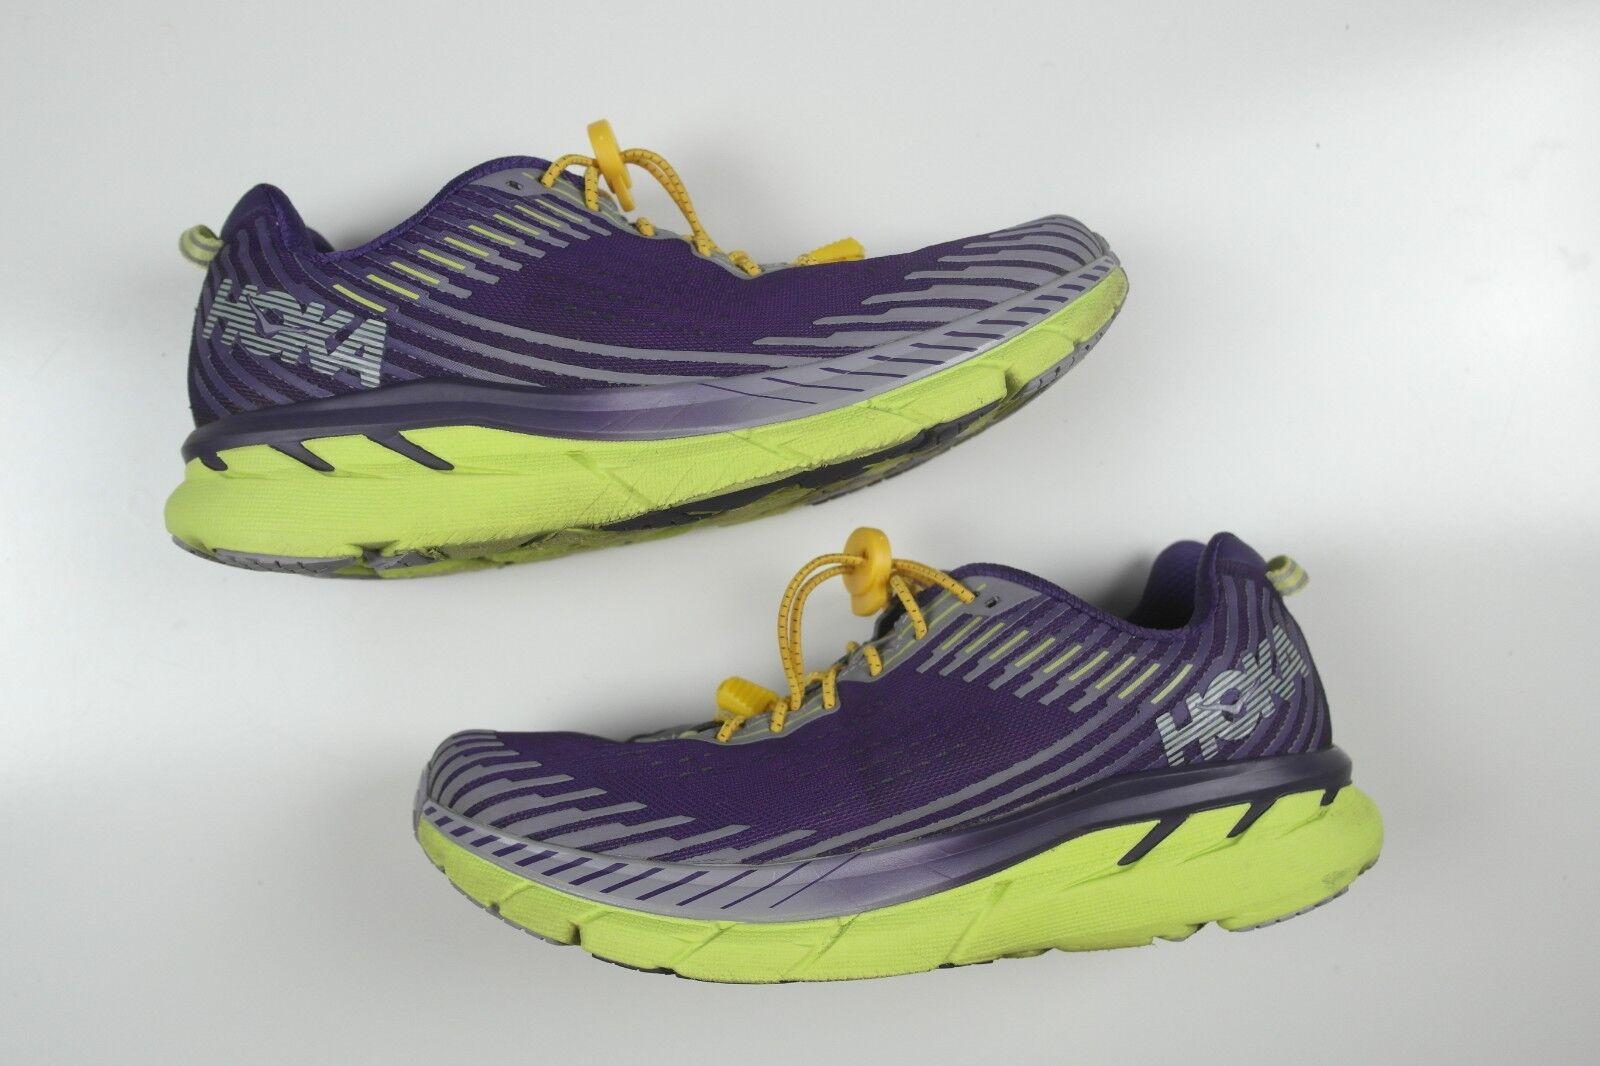 HOKA Femme Clifton 5 5 5 Chaussures De Course Taille 9.5 violet raisin Royale  livraison gratuite!